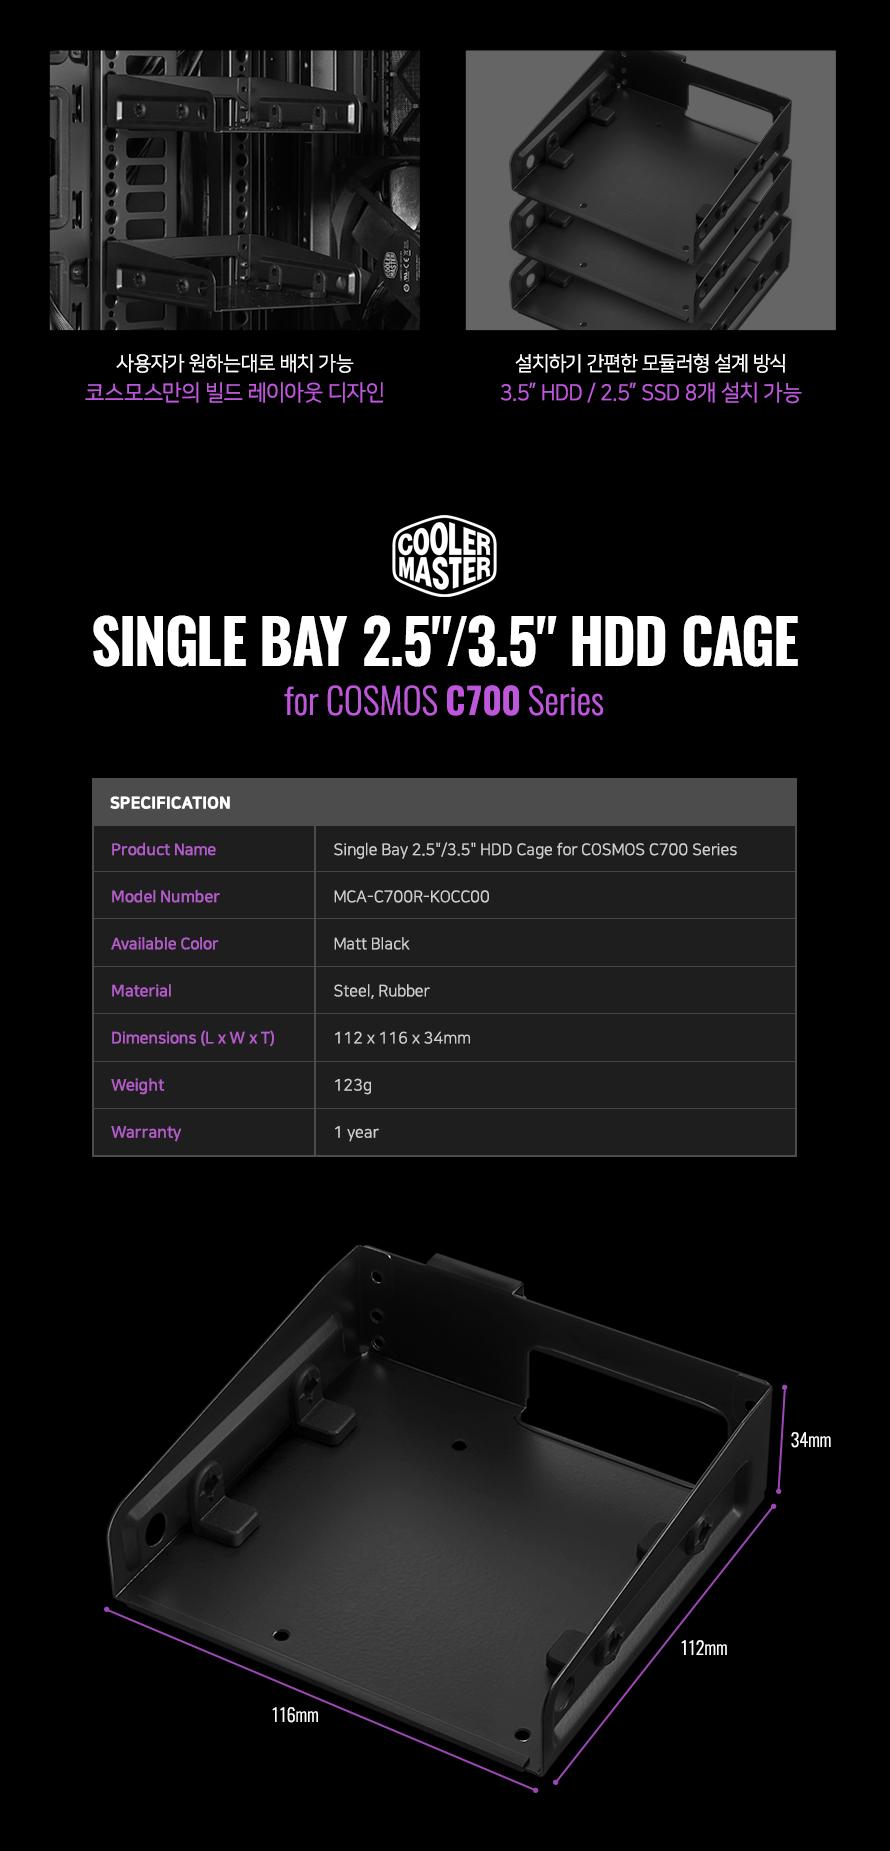 사용자가 원하는대로 배치 가능코스모스만의 빌드 레이아웃 디자인설치하기 간편한 모듈러형 설계 방식3.5 HDD / 2.5 SSD 8개 설치 가능Product NameSingle Bay 2.5/3.5 HDD Cage for COSMOS C700 SeriesModel NumberMCA-C700R-KOCC00Available ColorMatt BlackMaterialSteel, RubberDimensions (L x W x T)112 x 116 x 34mmWeight123gWarranty1 year